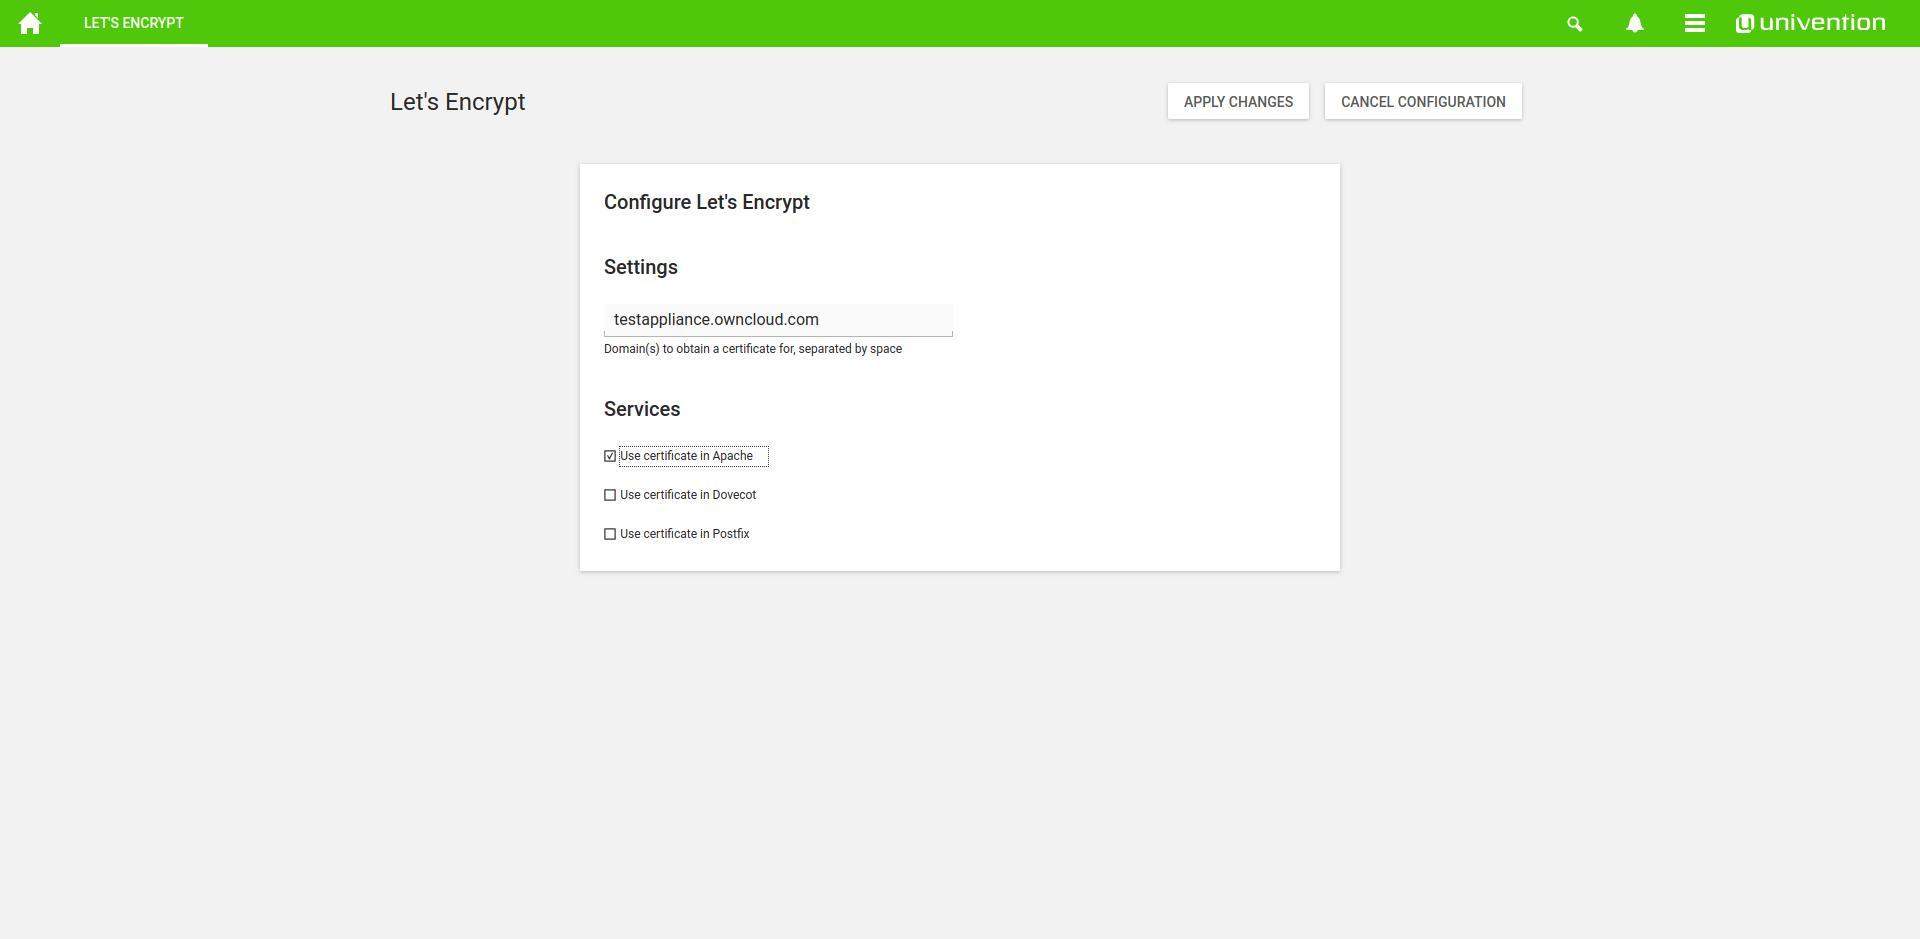 ownCloud Univention lets encrypt configuration